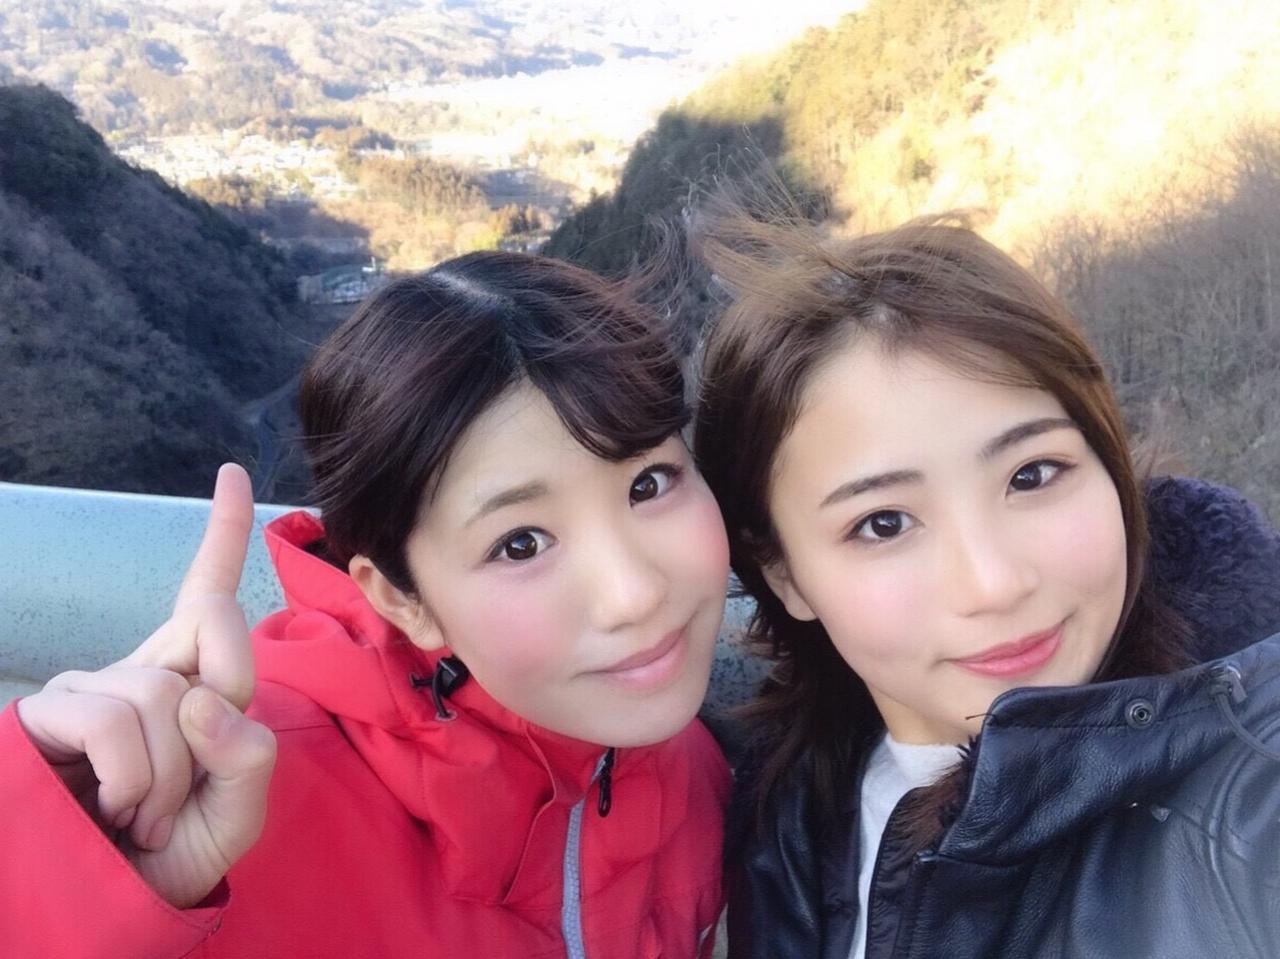 画像1: [ふたツー]2019年初ふたツー☆秩父ツーリング(梅本まどか 編)with 平嶋夏海